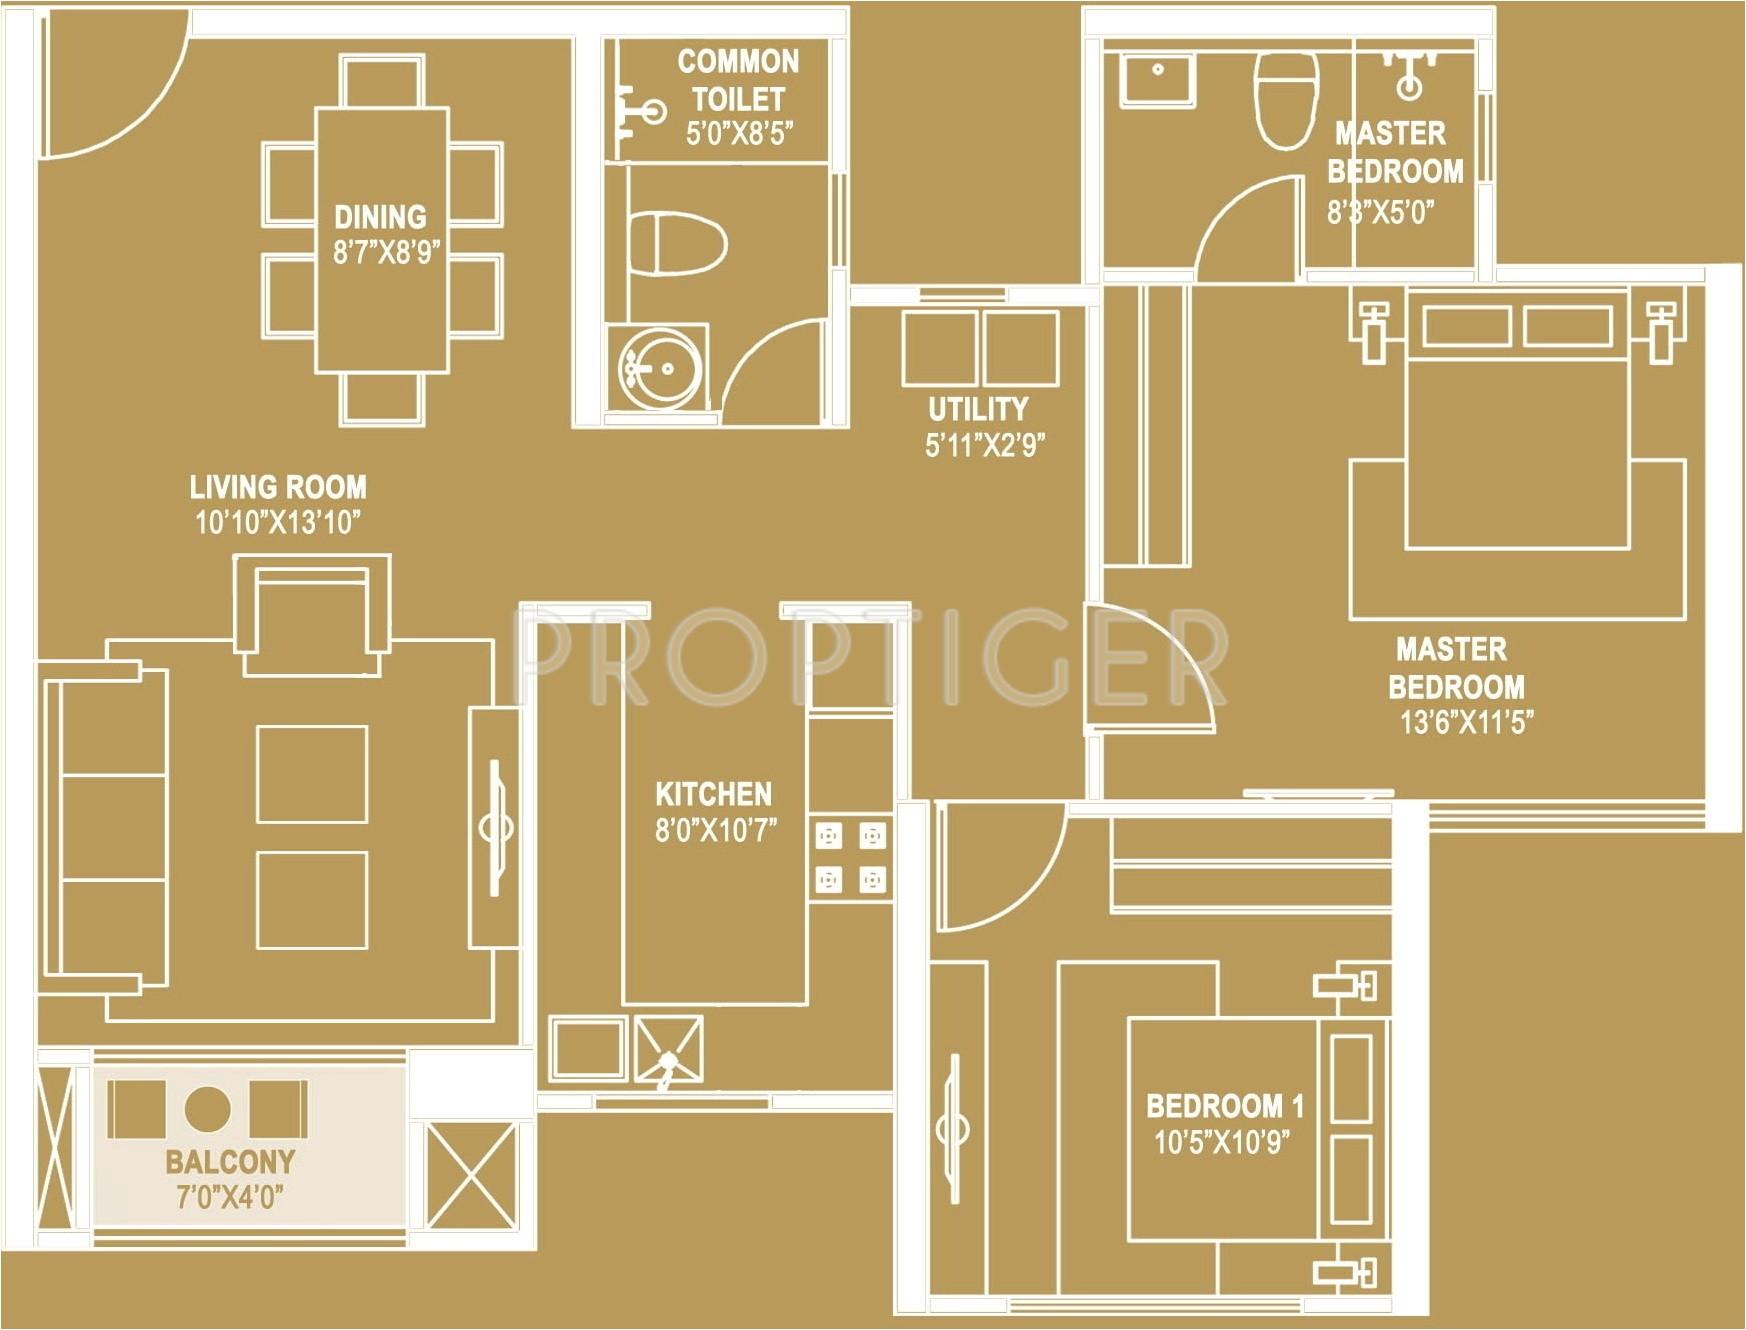 2bhk 1t 1179 sqft apartment